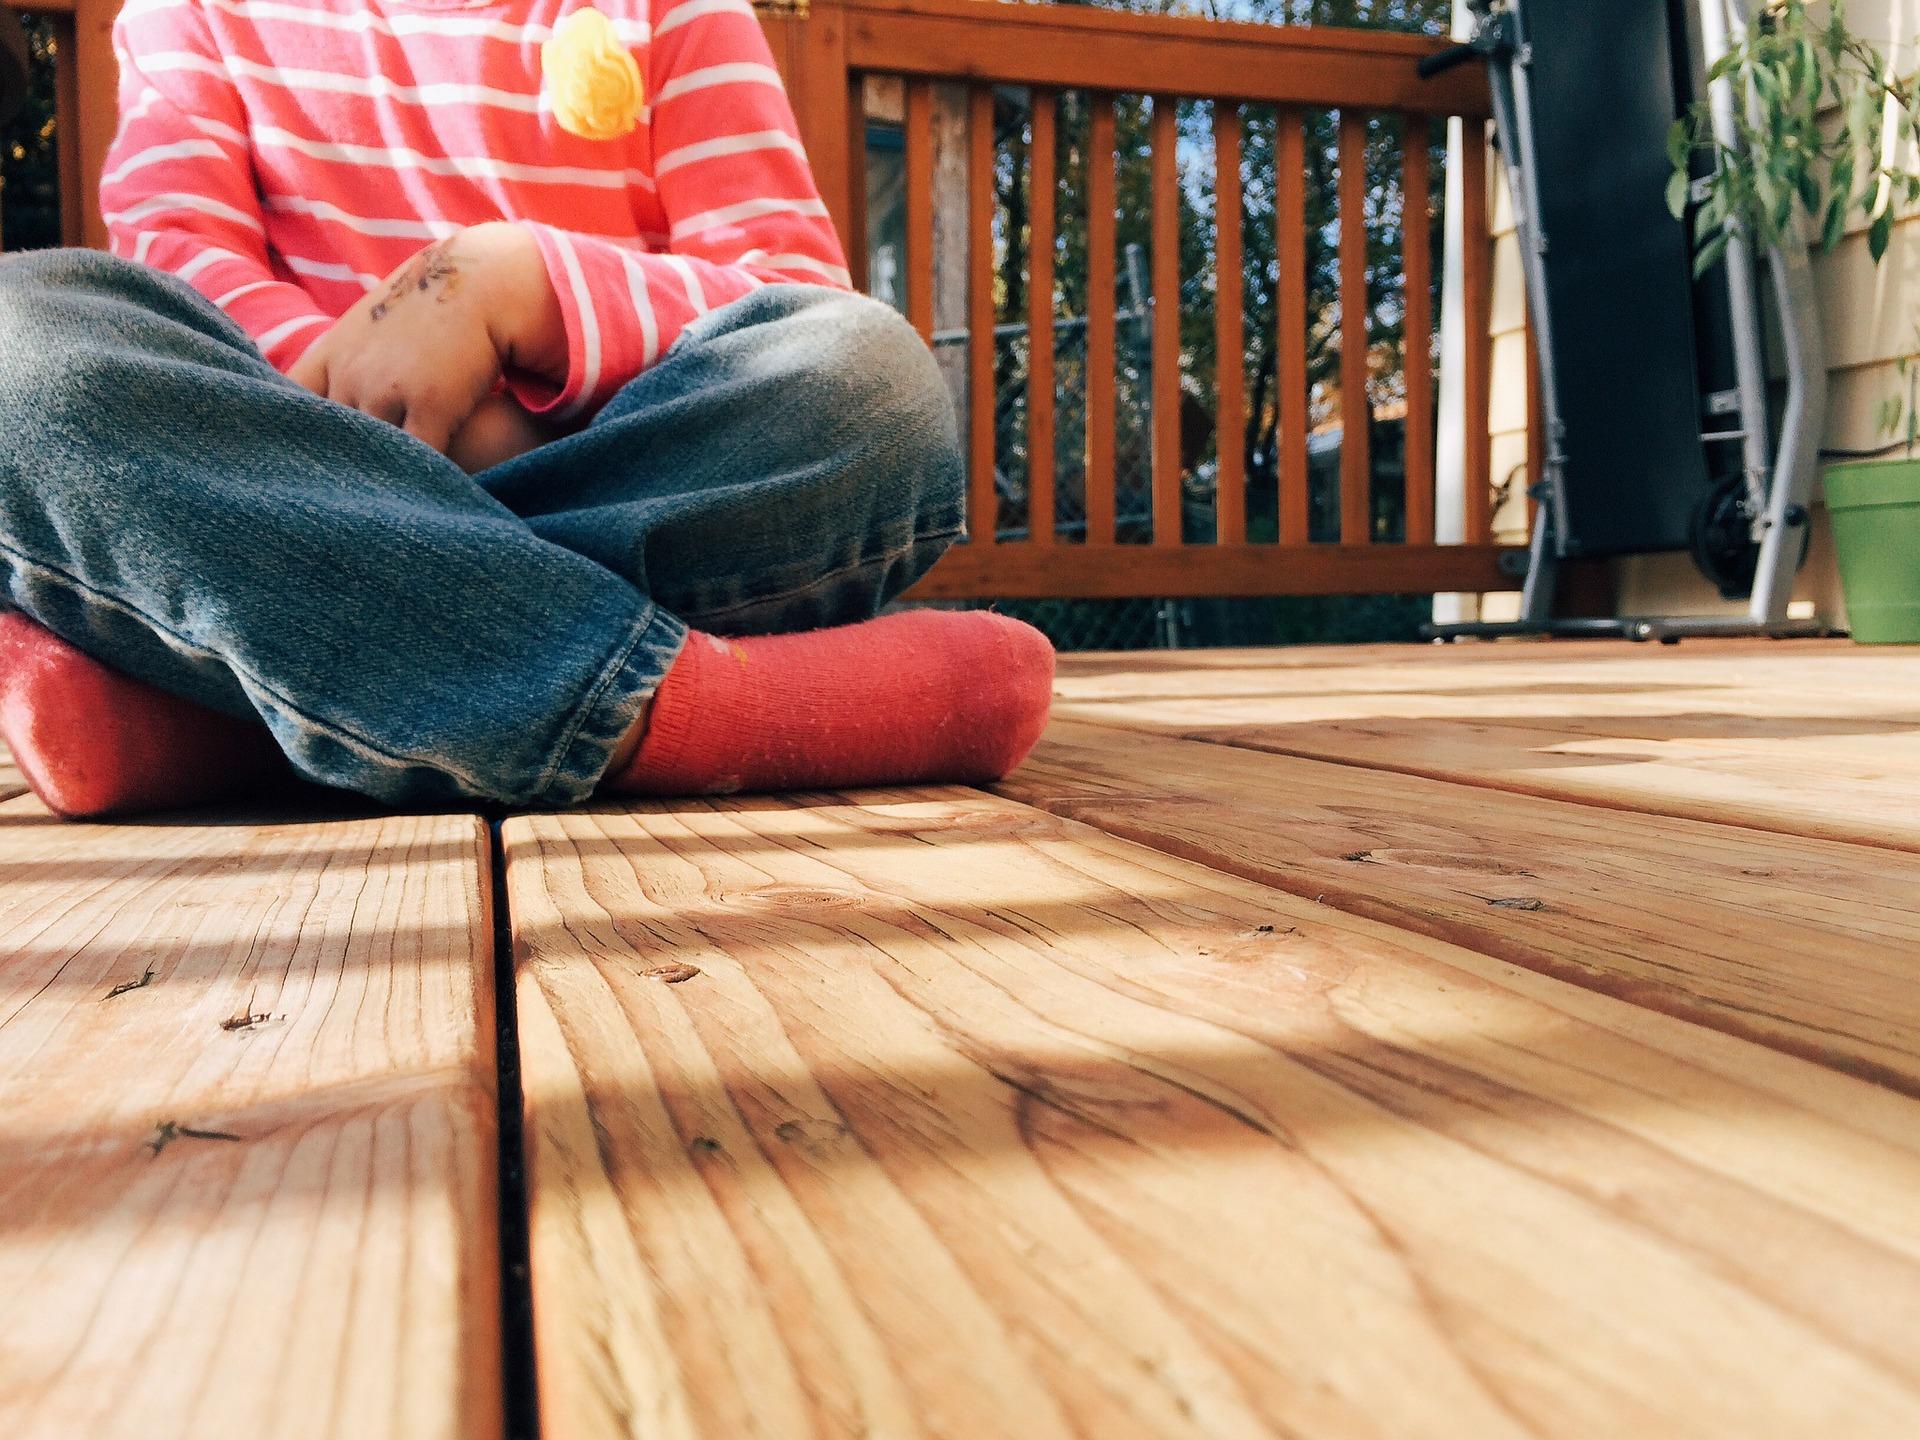 wood-926724_1920.jpg